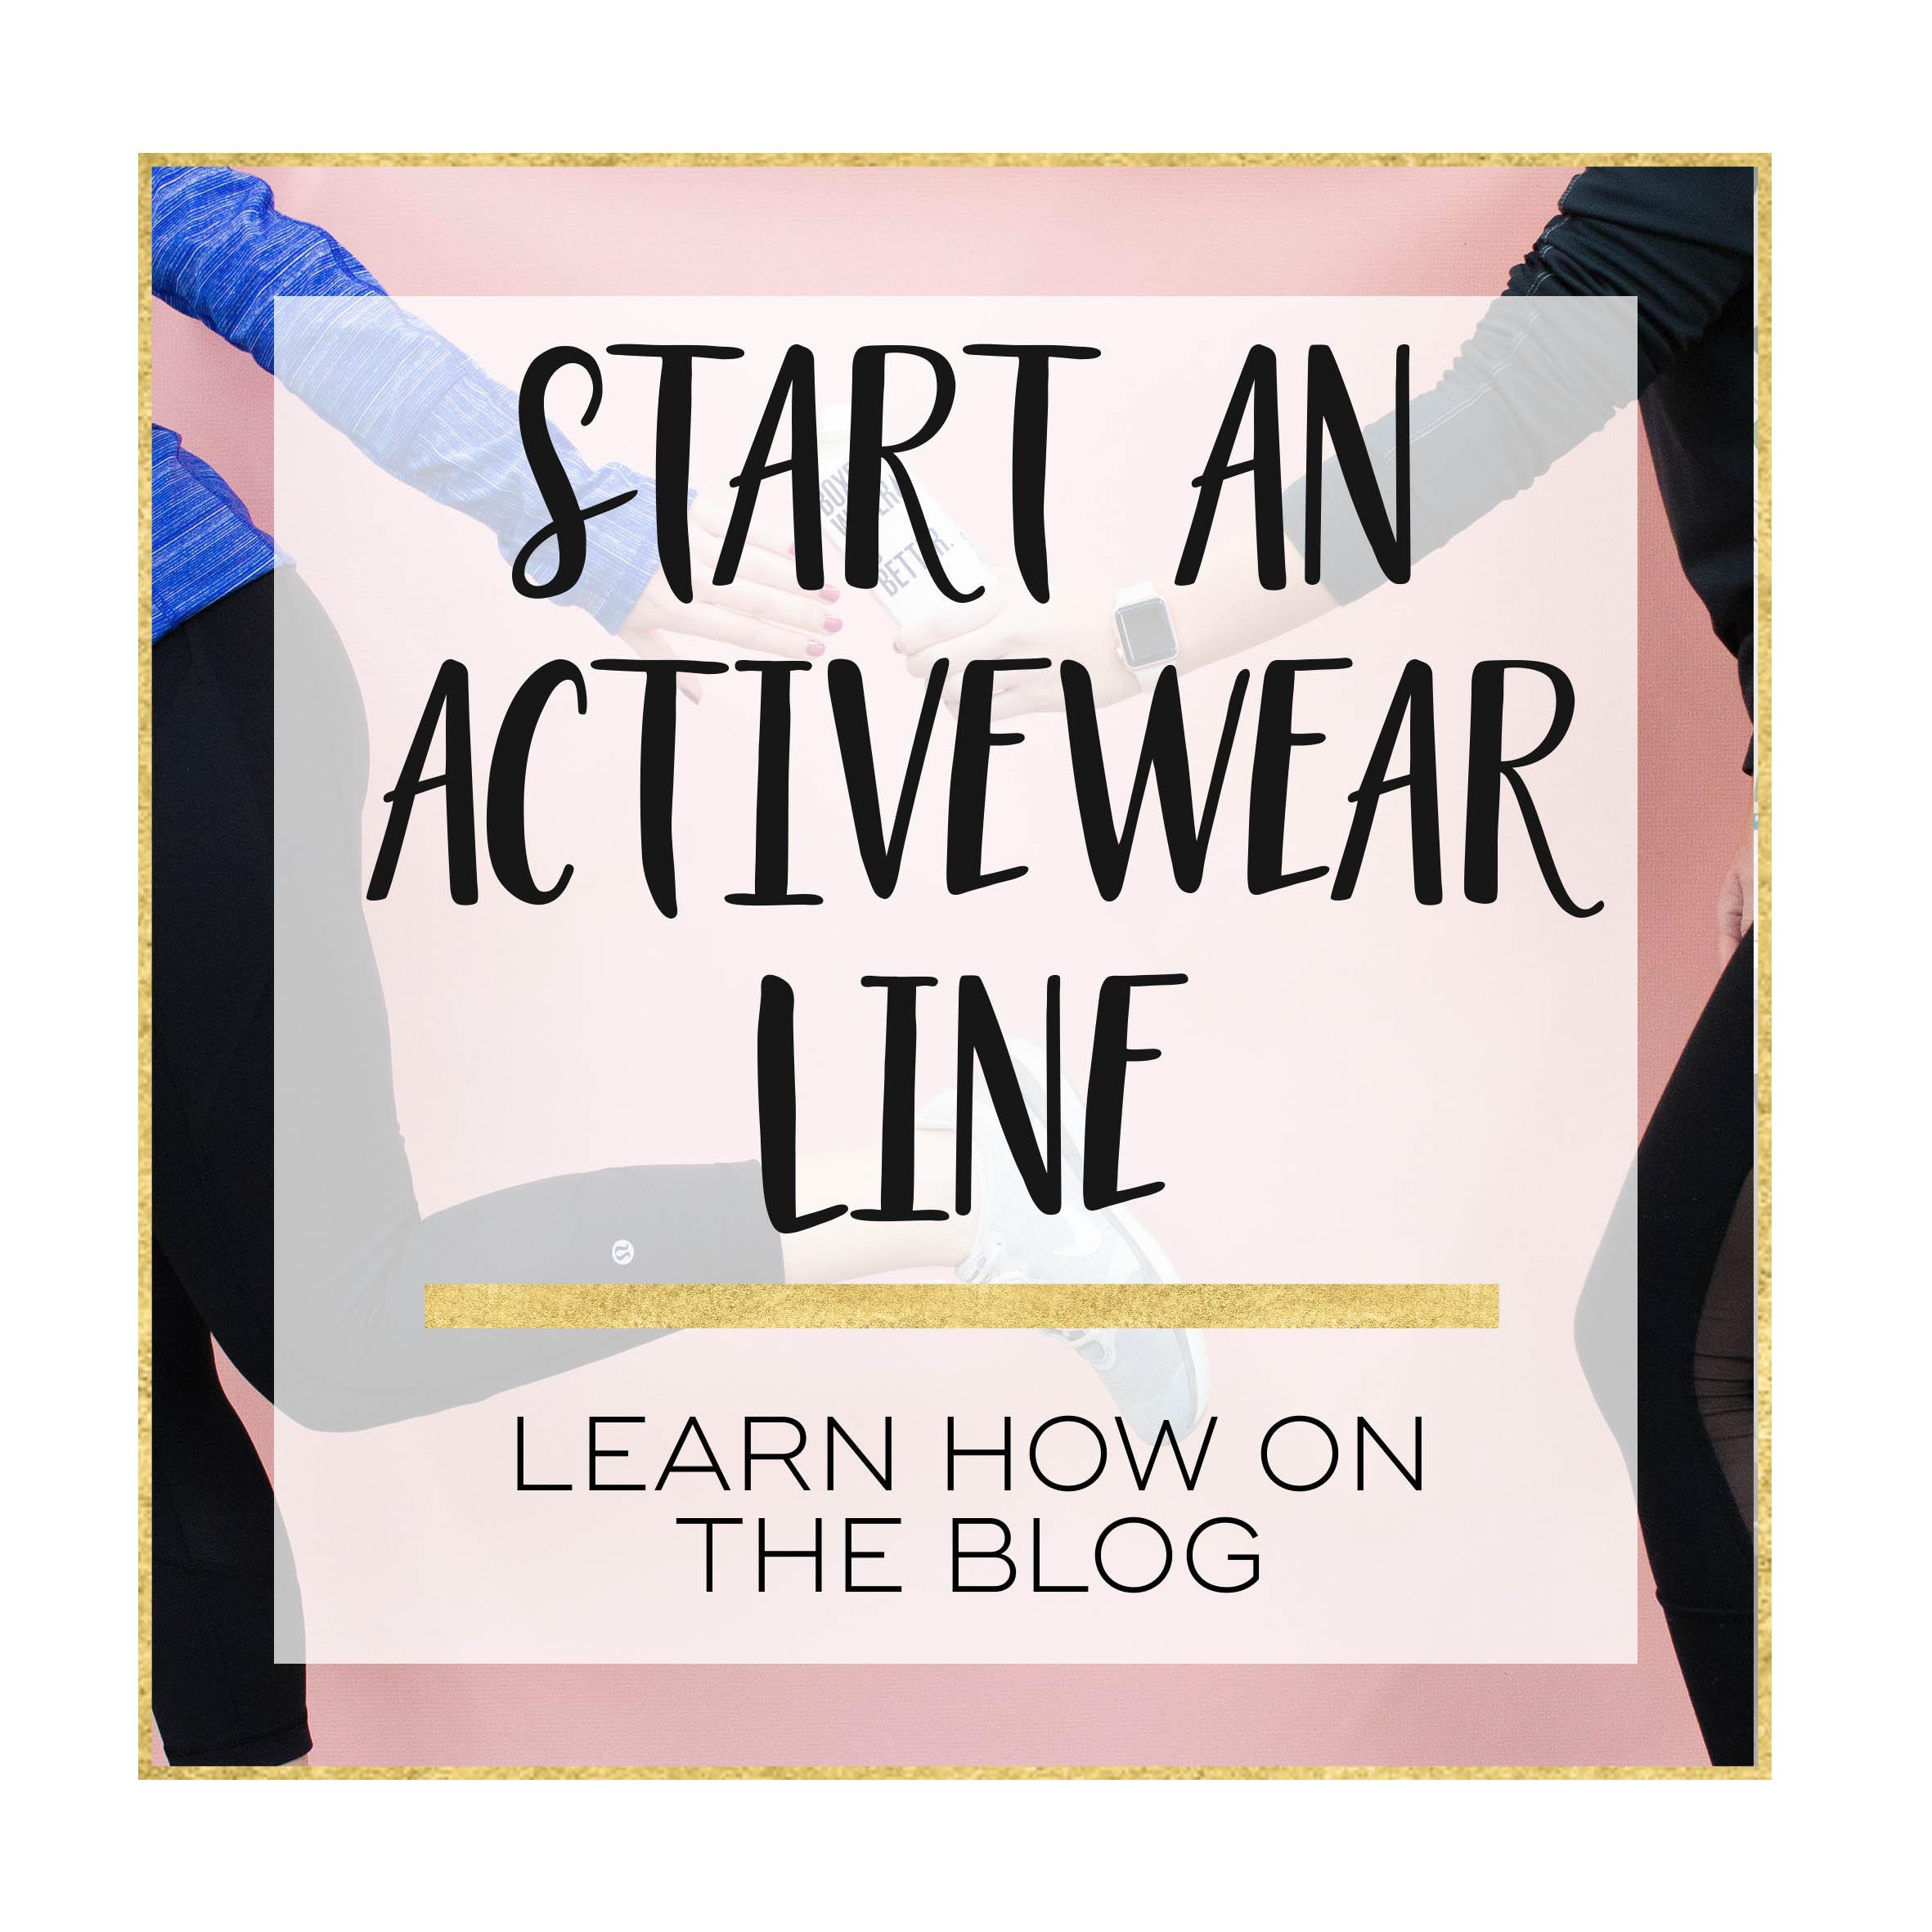 Activewear blog